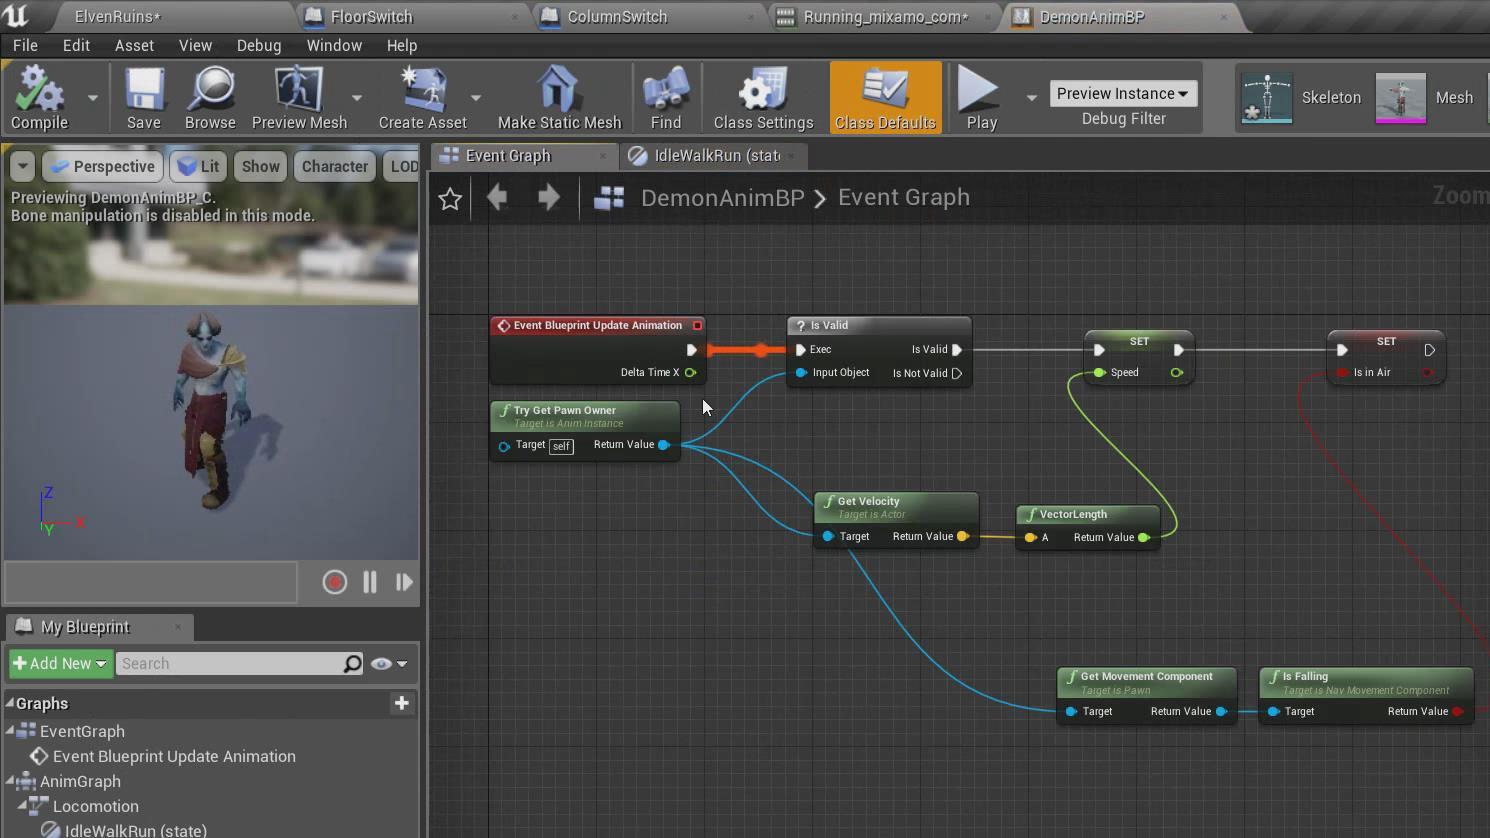 【UE4】Unreal Engine虚幻游戏引擎蓝图核心技术训练教程(中英双字)